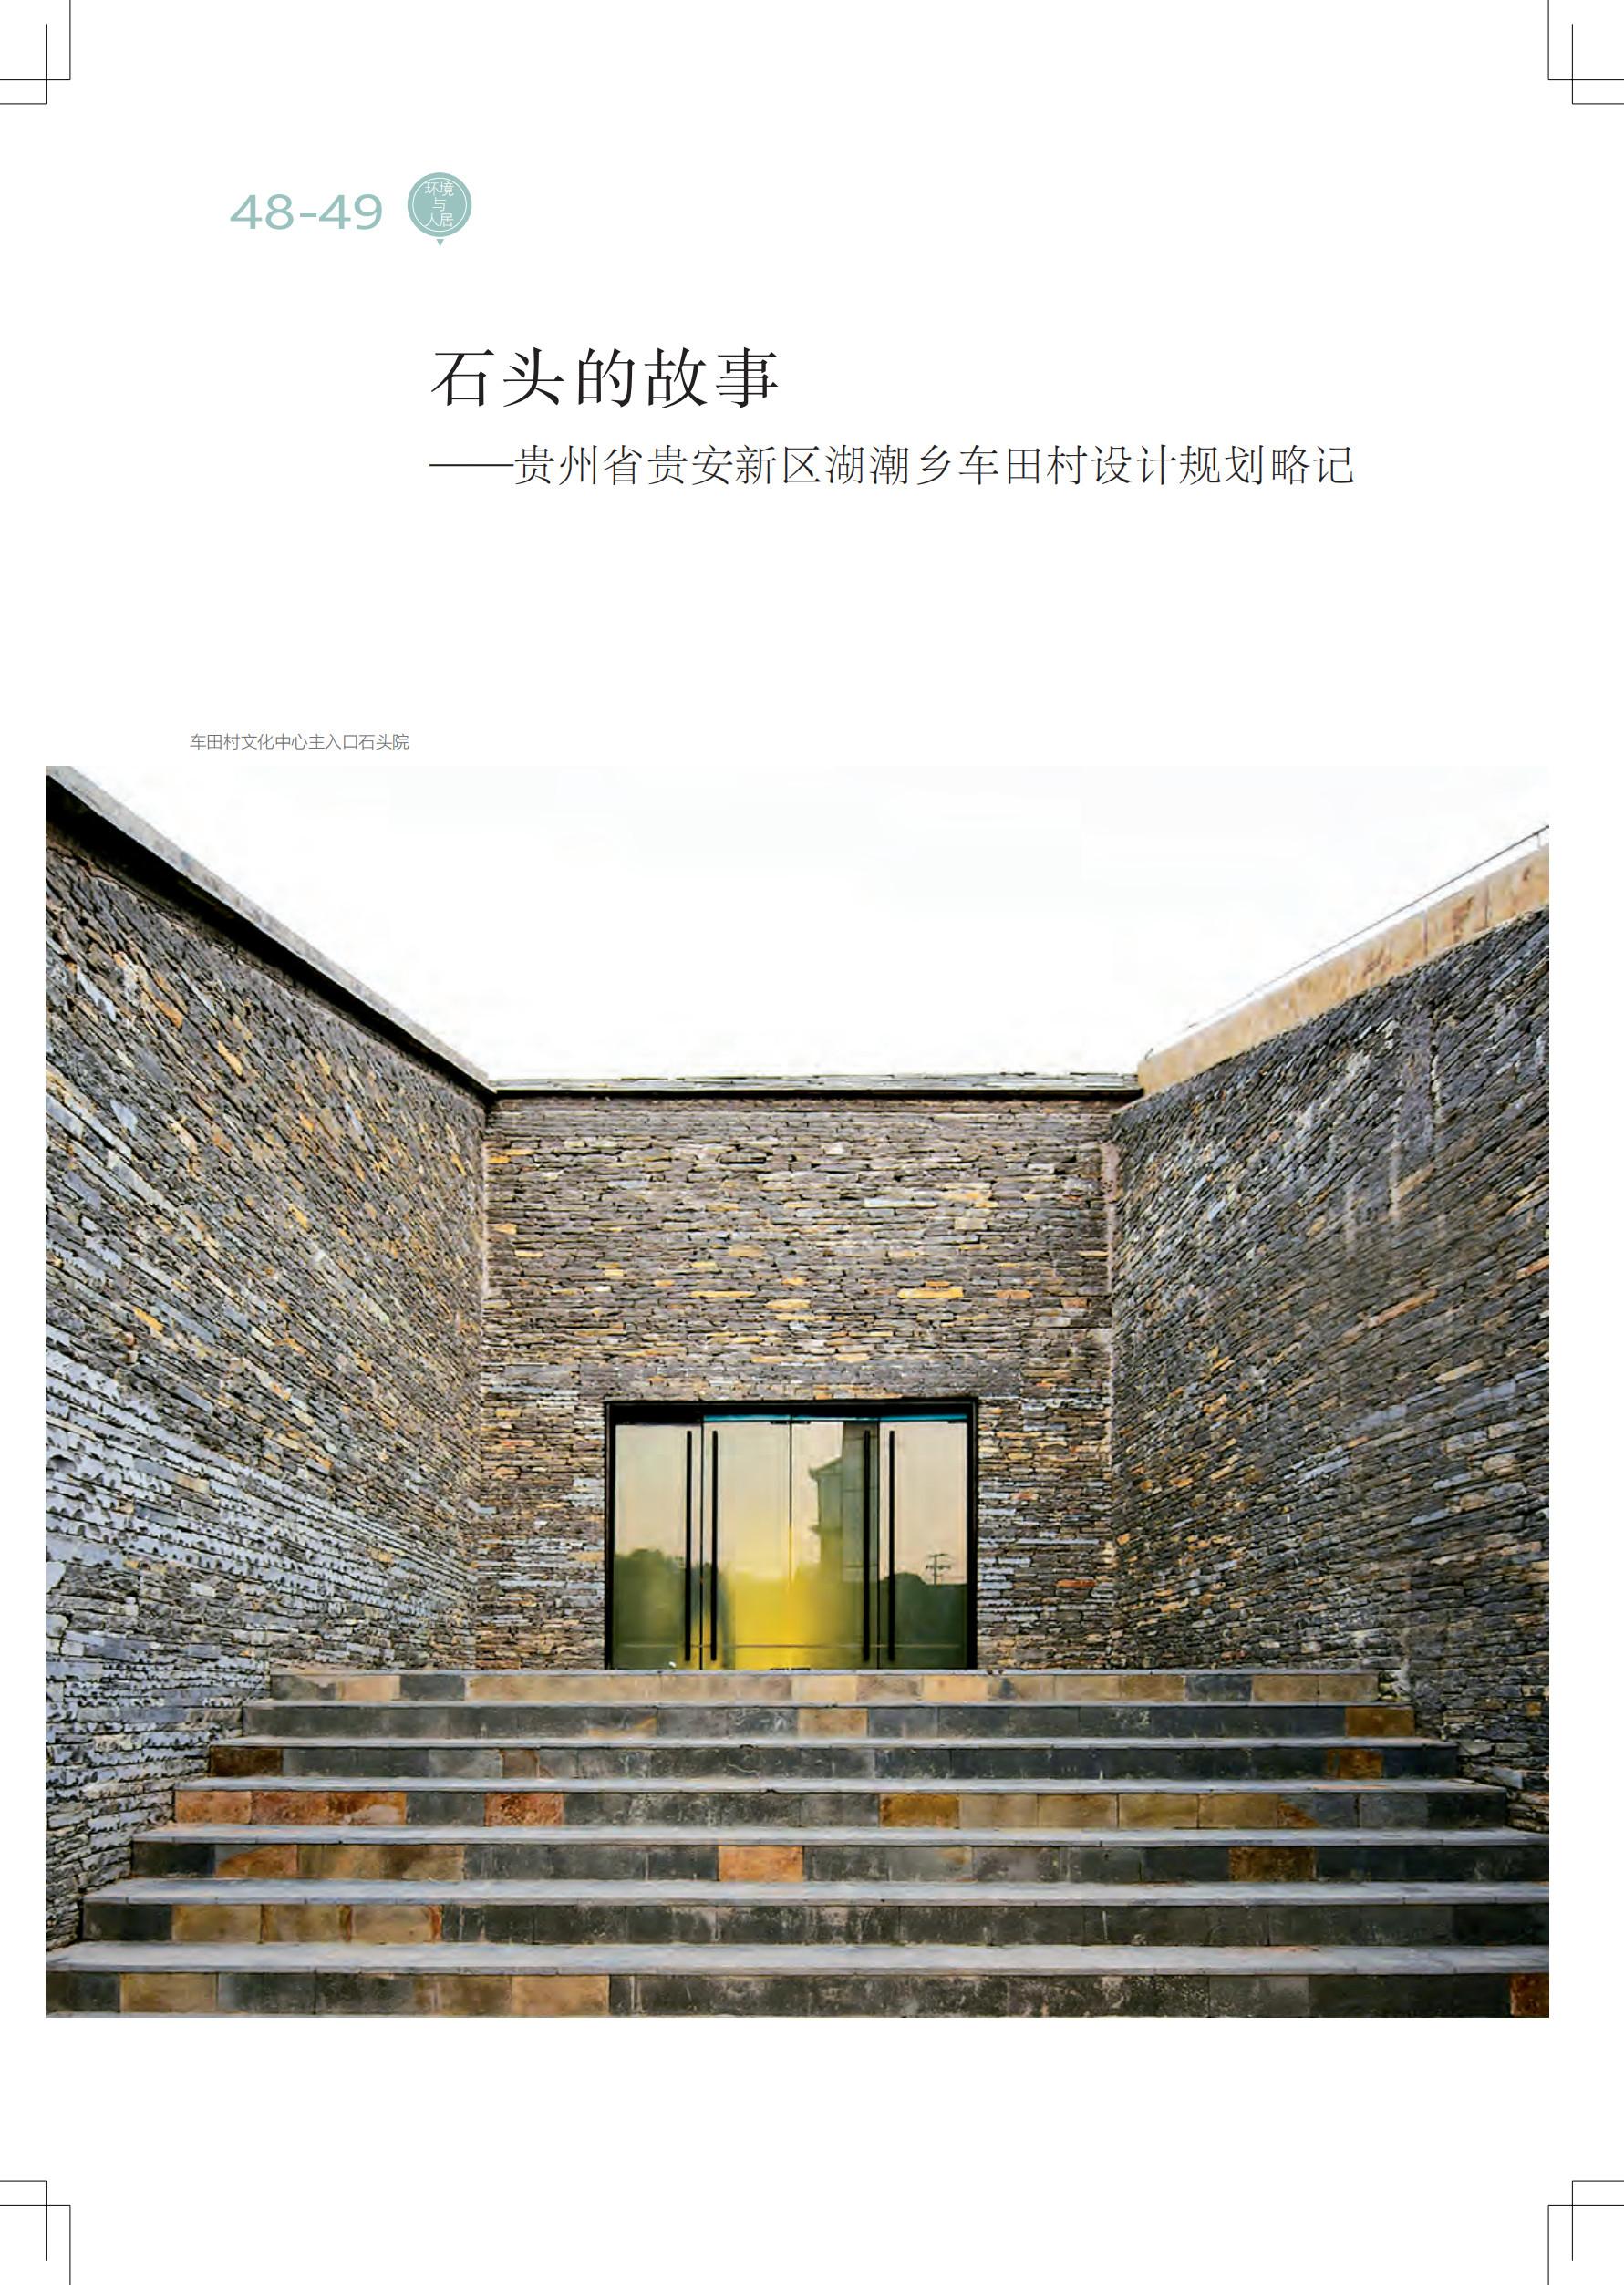 中国艺术2月刊 (2).jpg